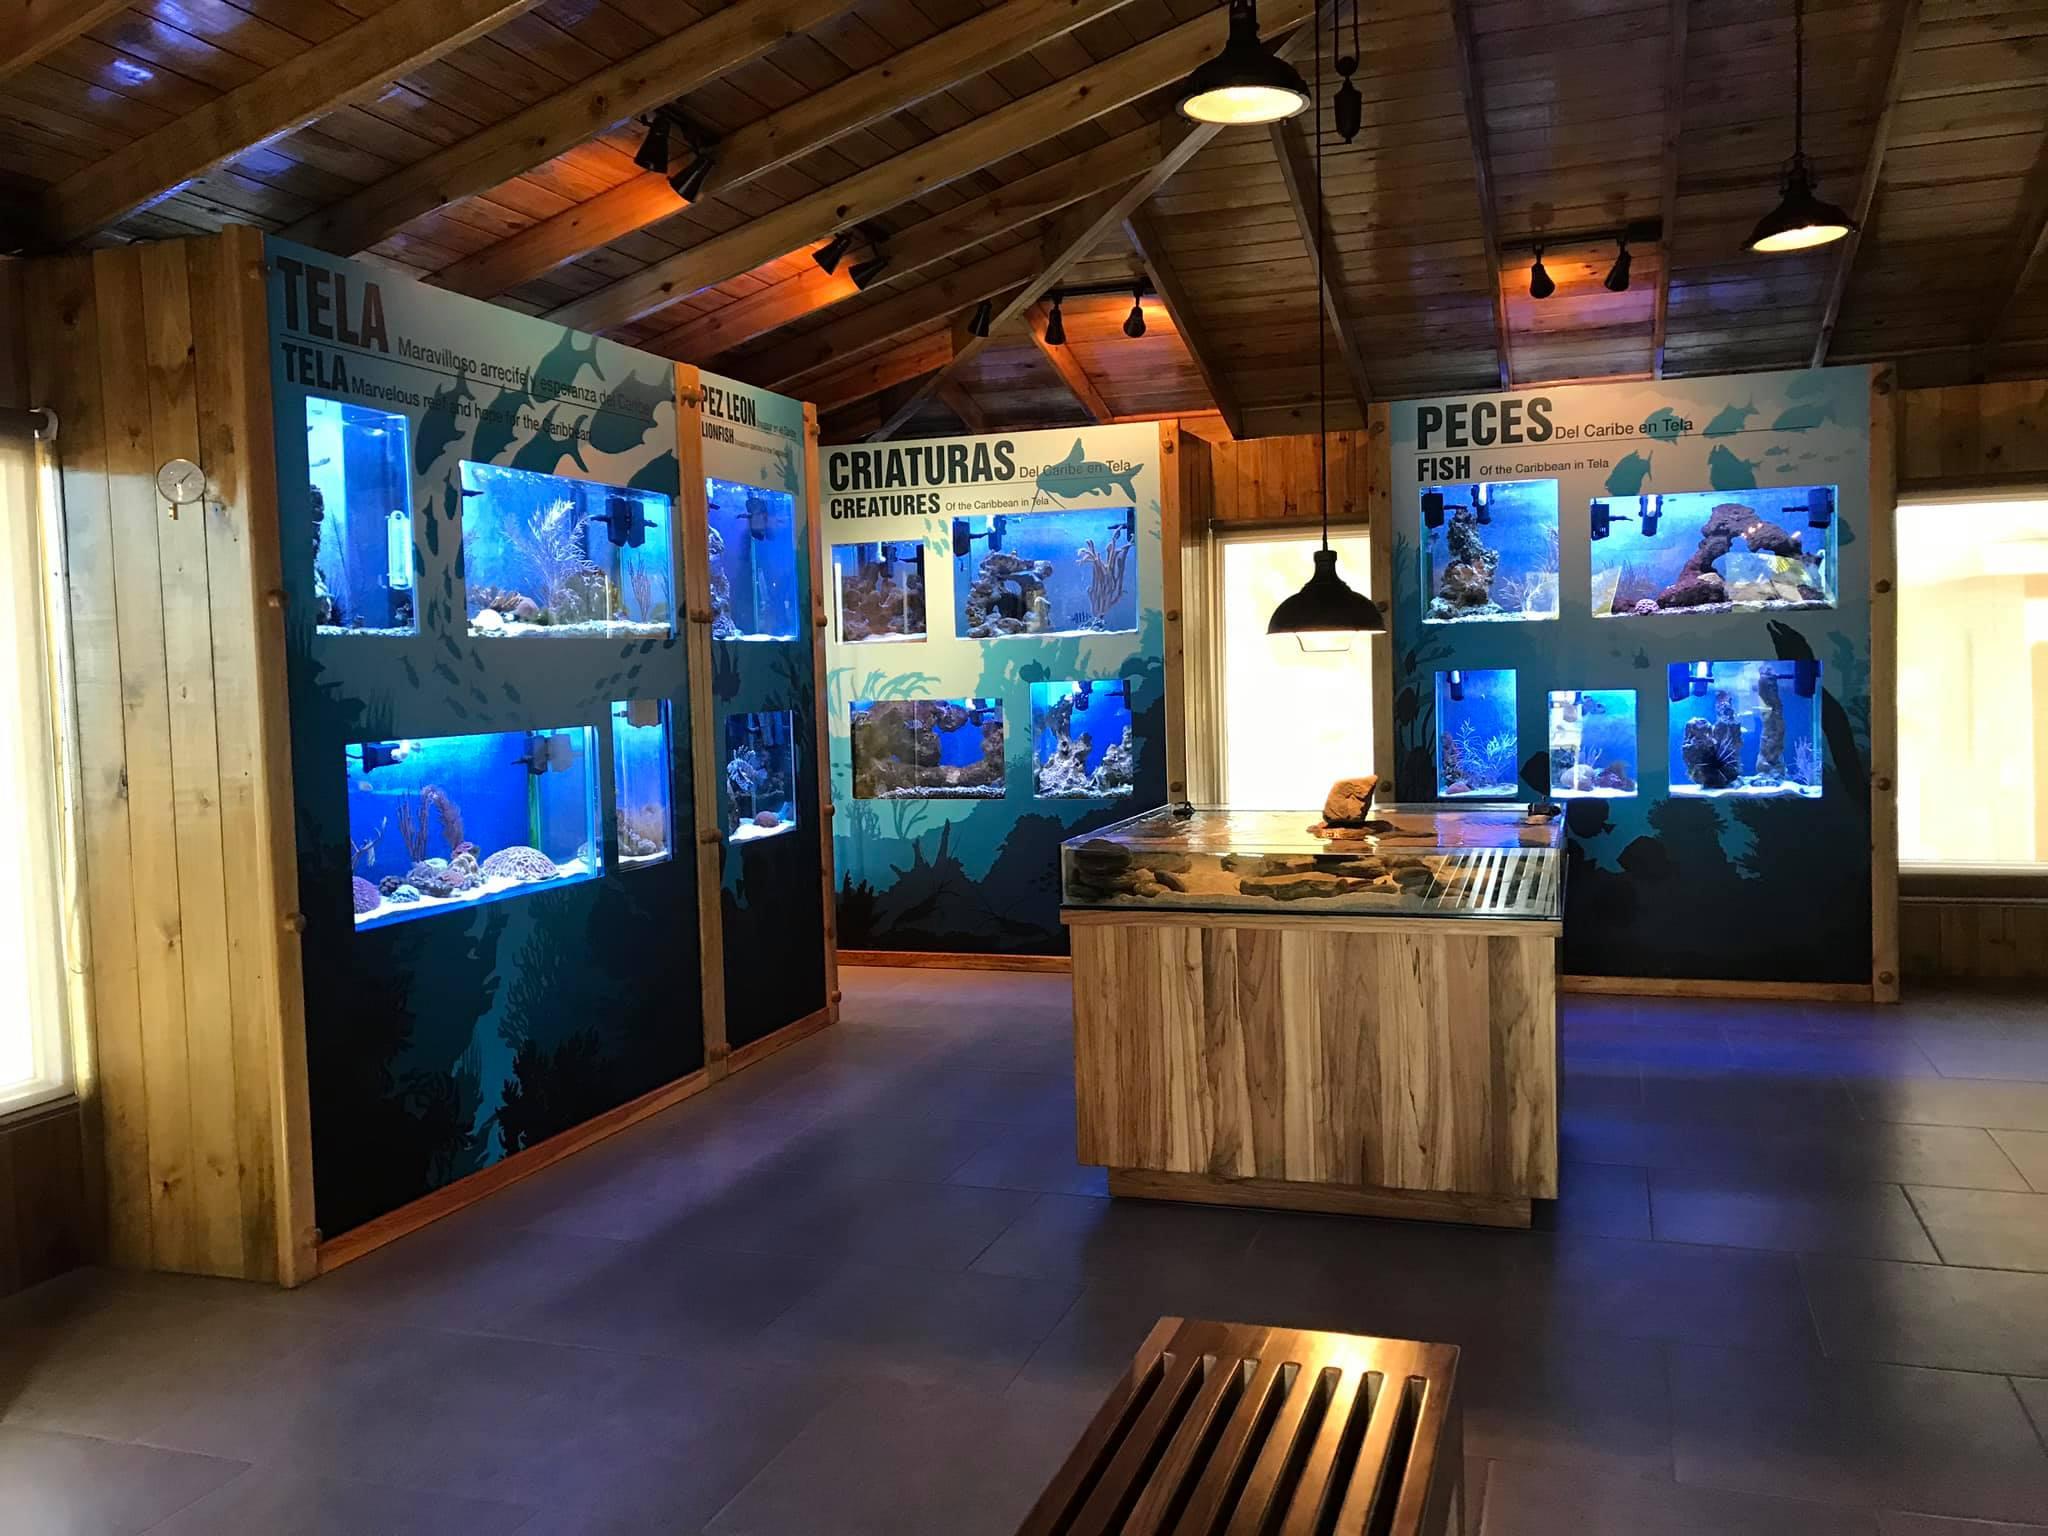 Tela Marine Center, un lugar para disfrutar de la vida marina